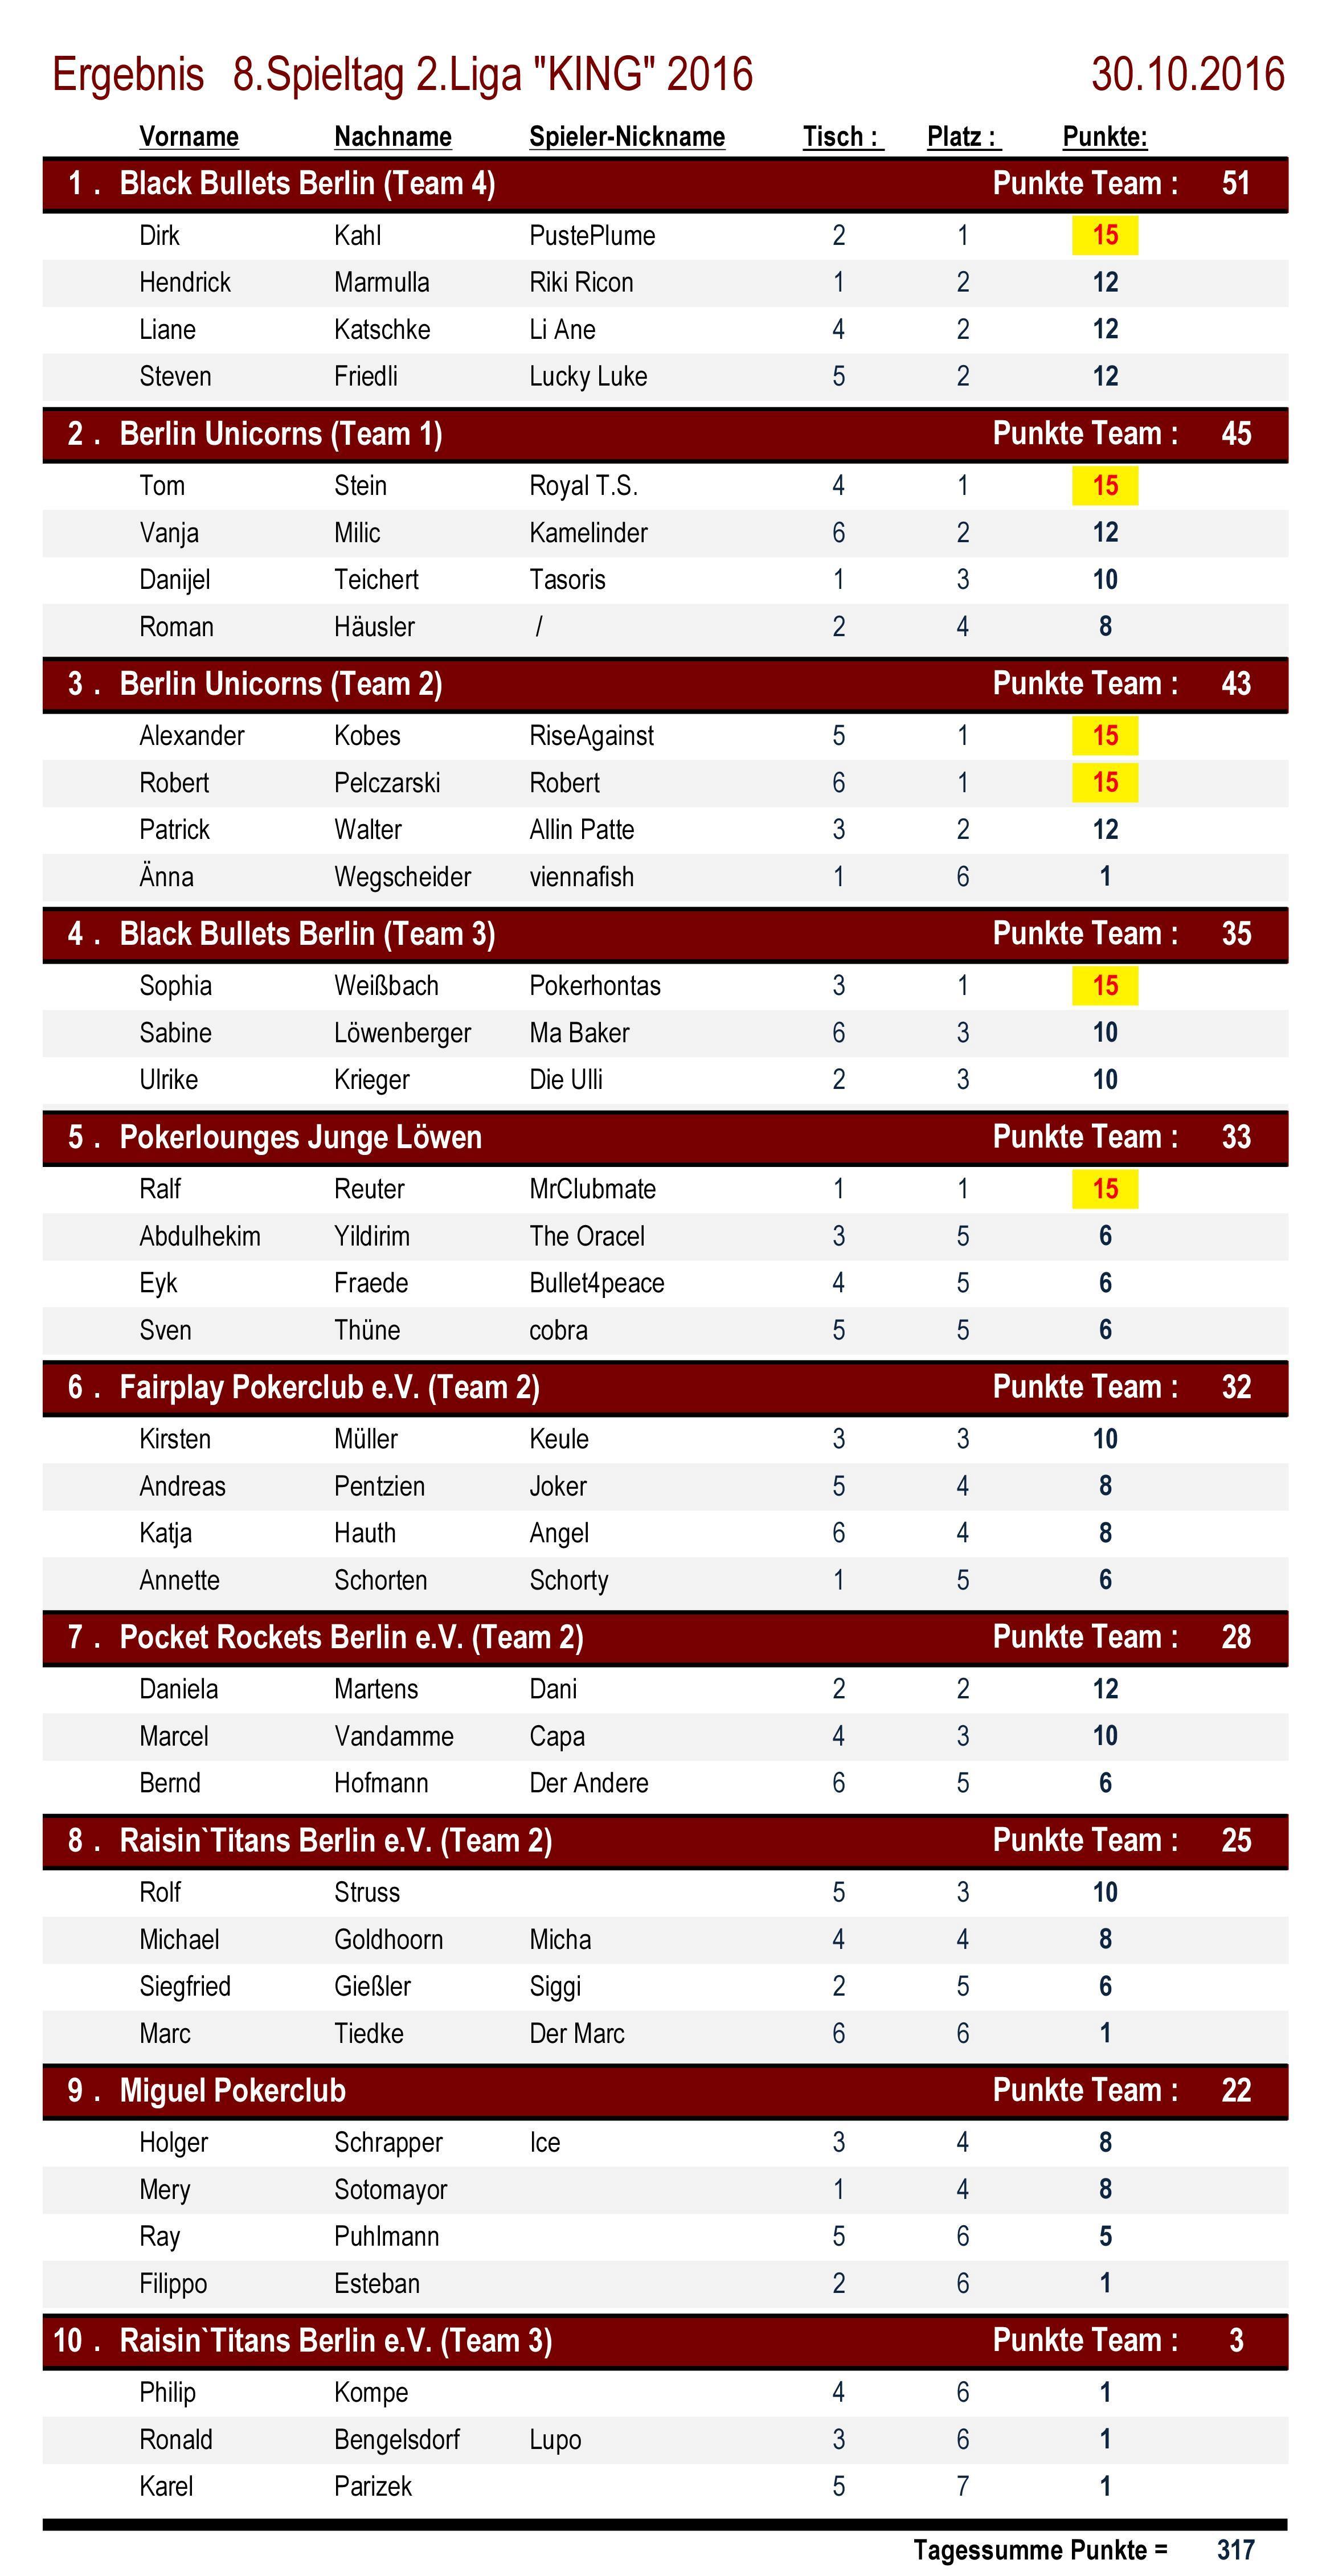 Ergebnisse 2.Liga `KING` 8. Spieltag 2016